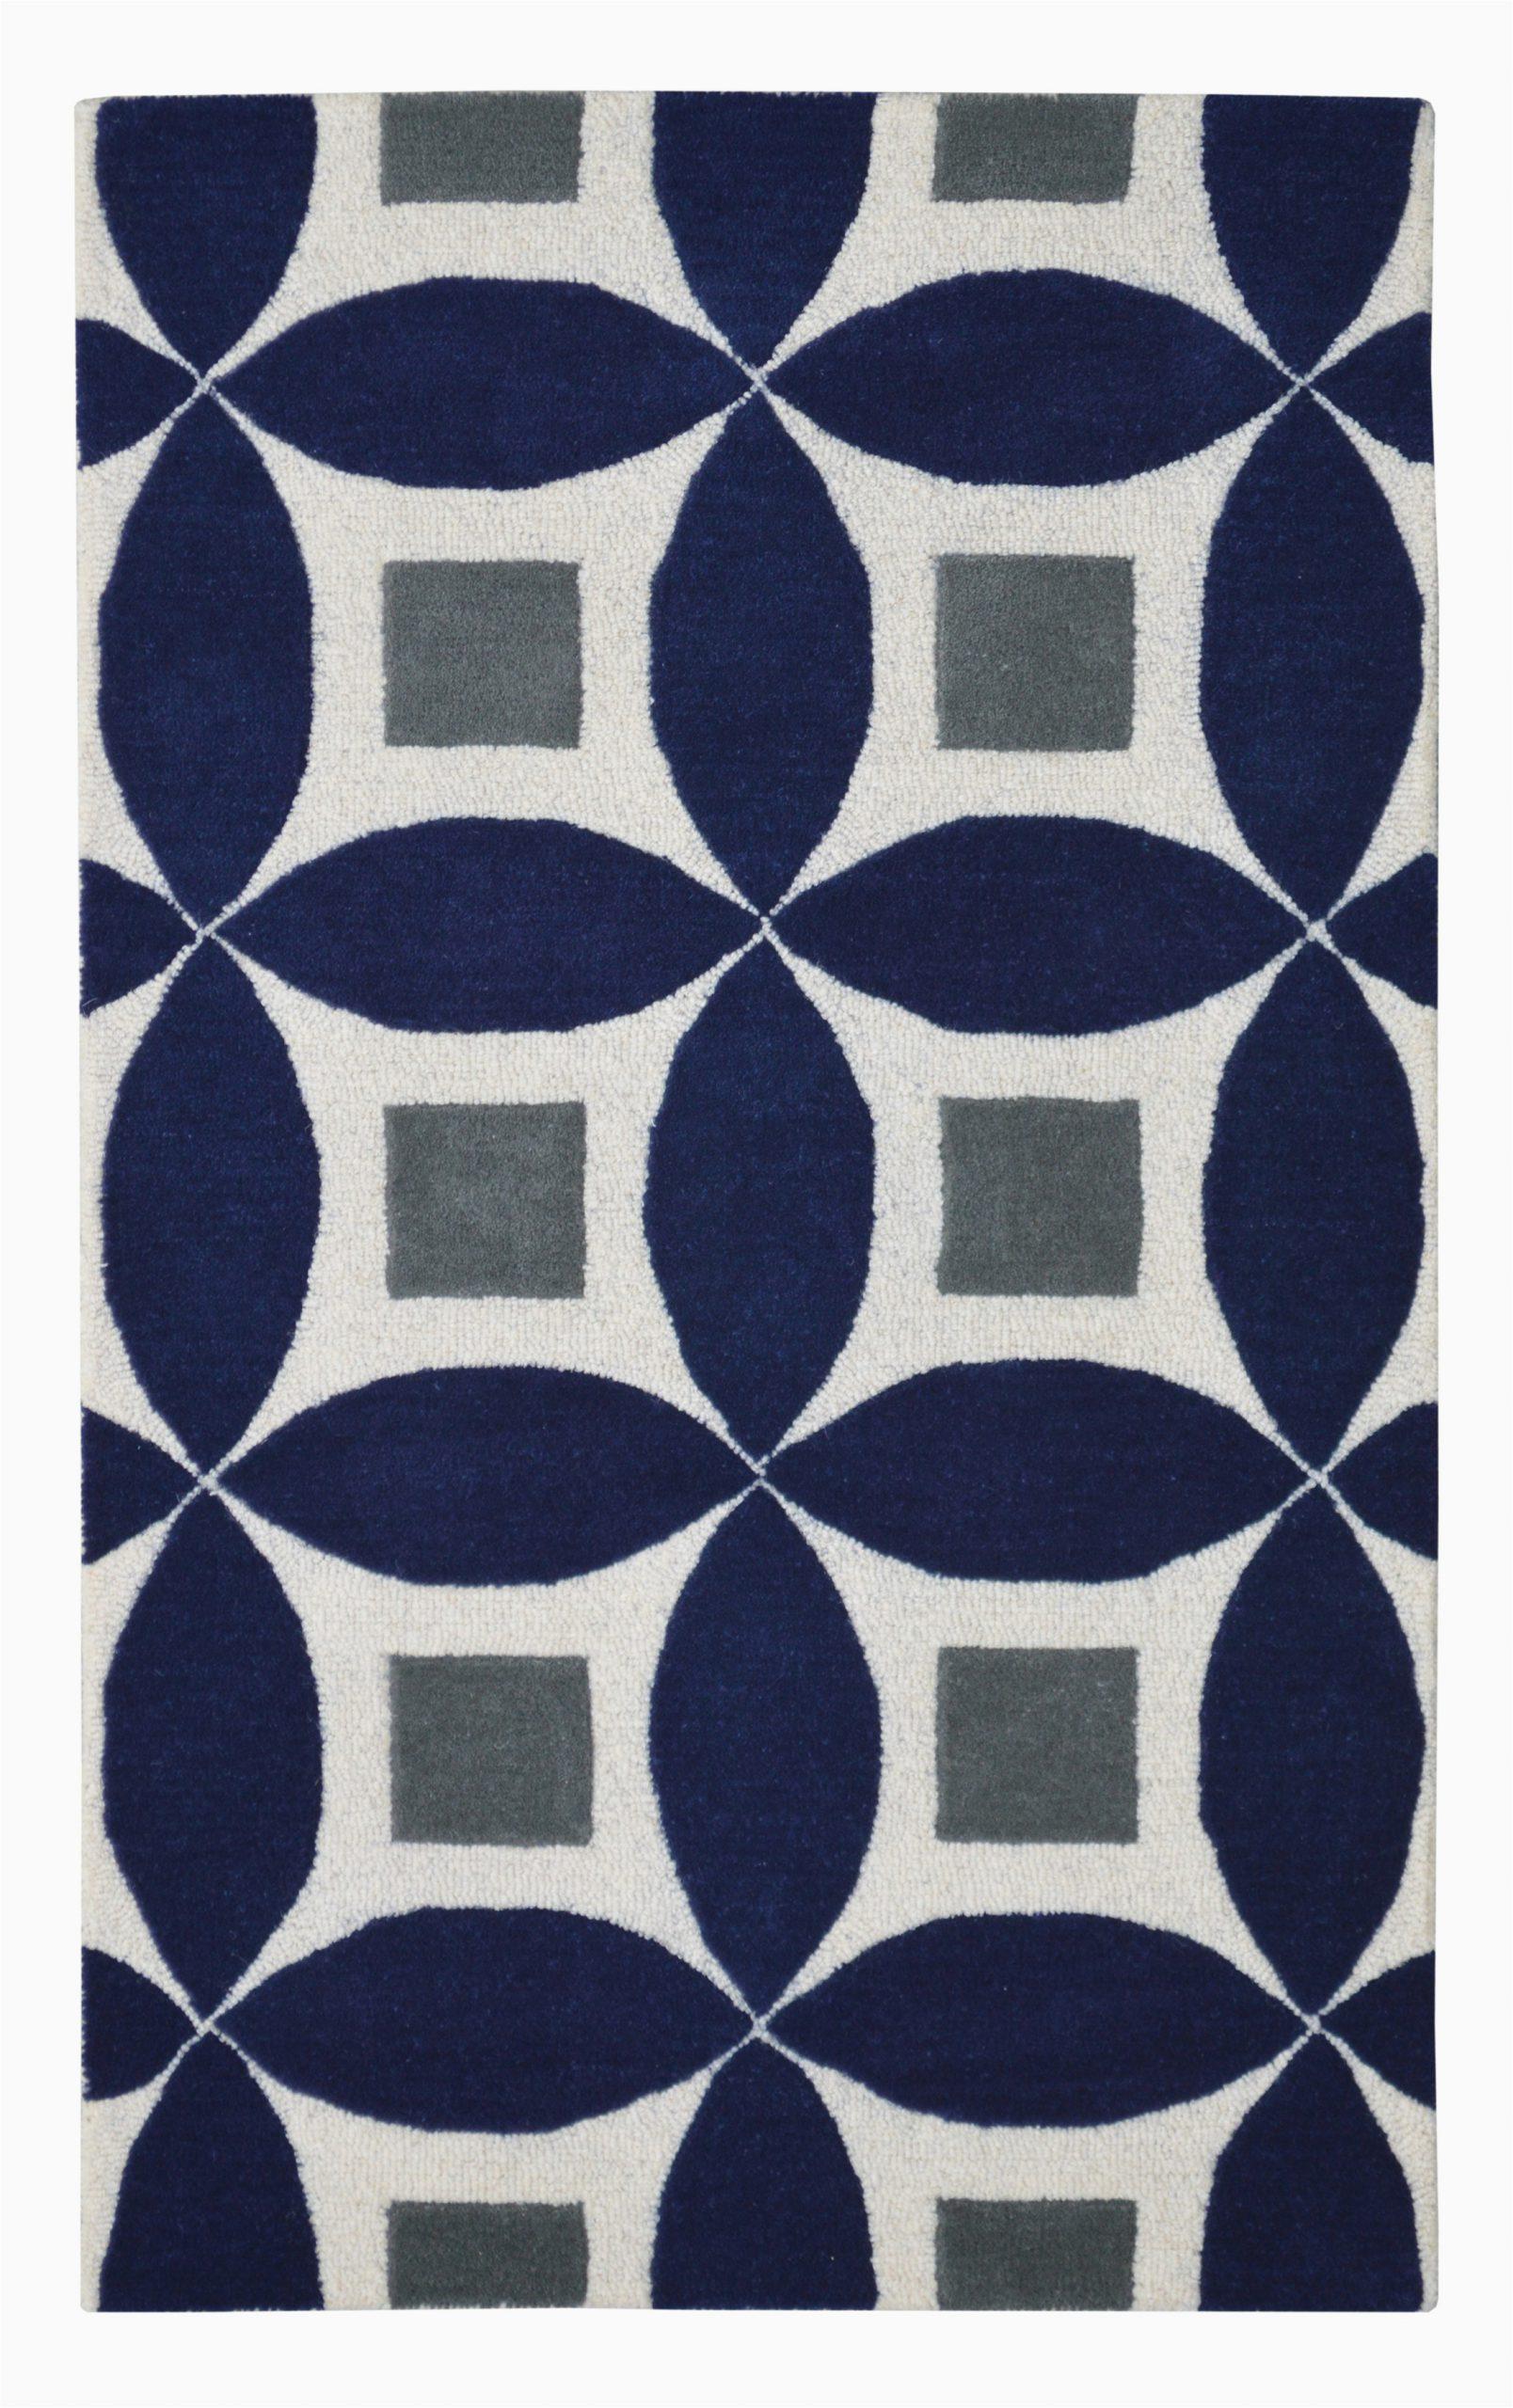 henley 2100 g navy blue modern rug 3x5